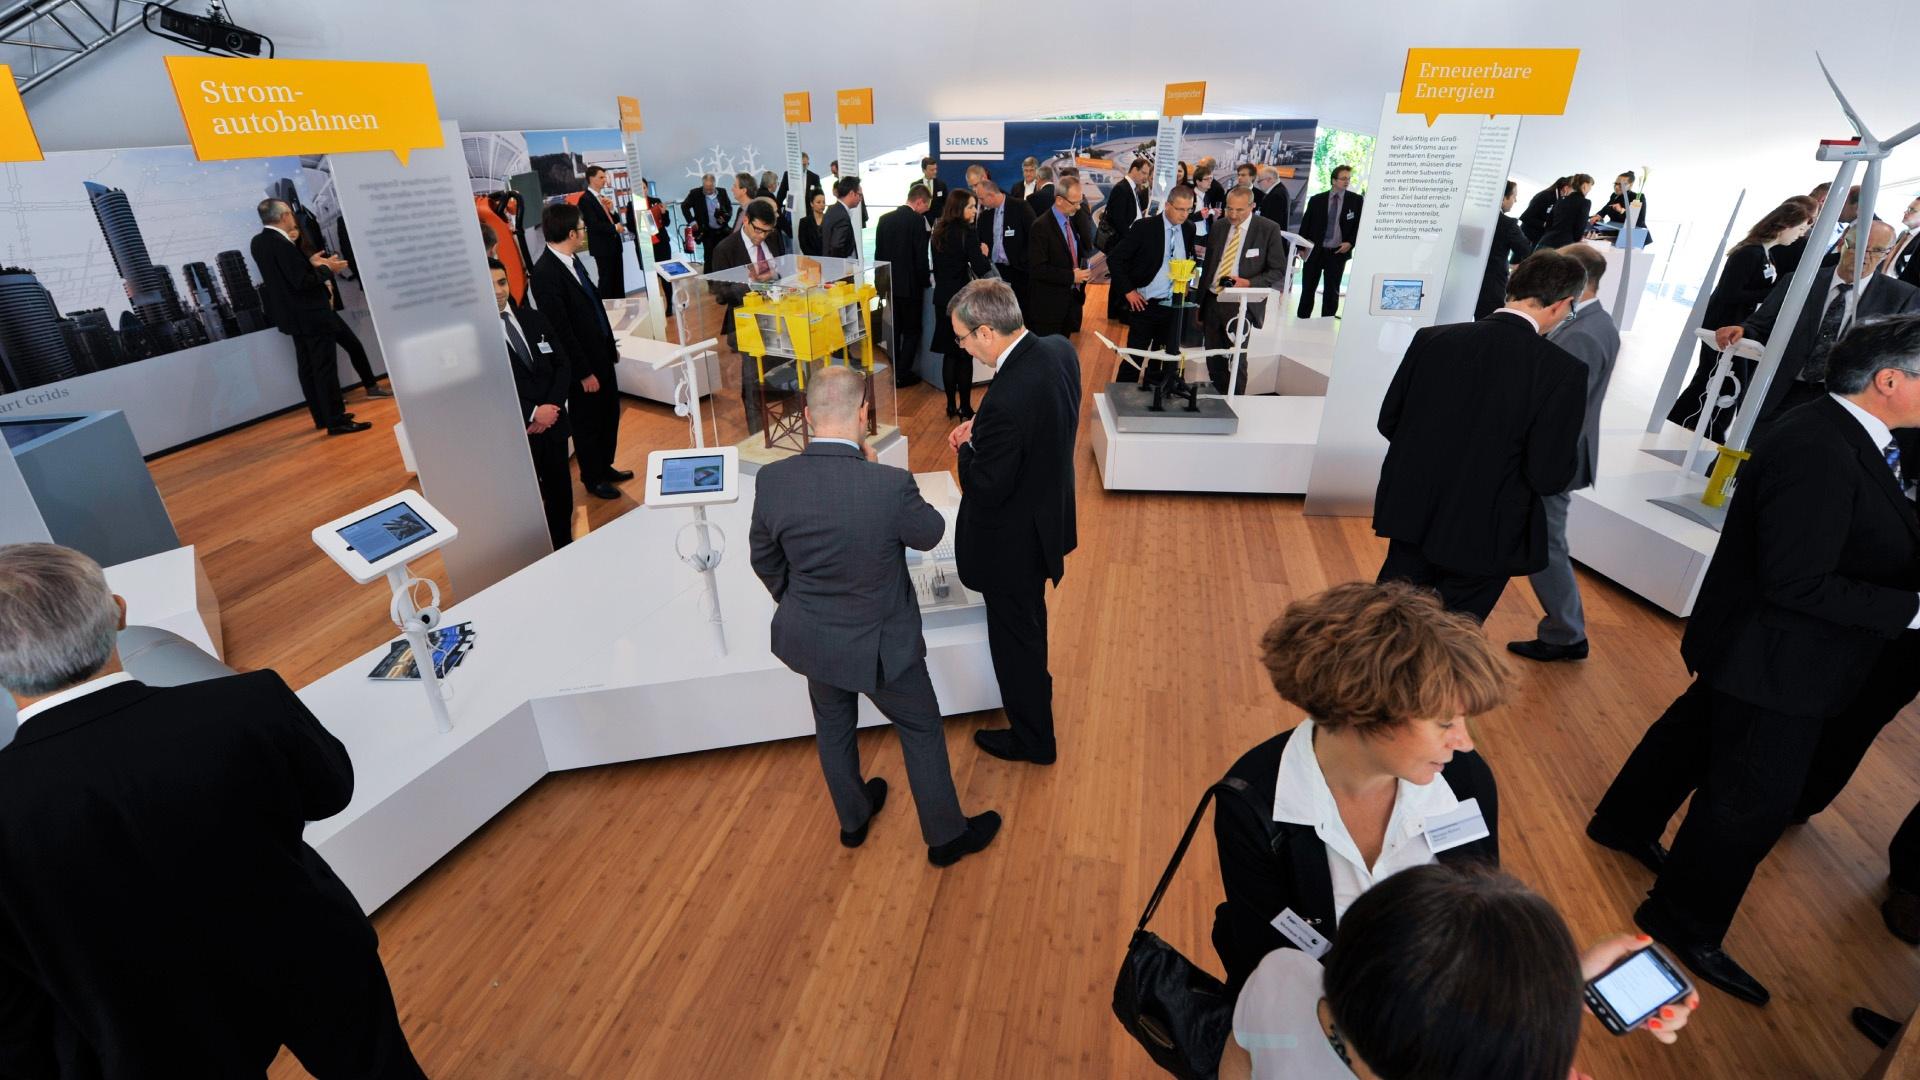 Ausstellung Siemens Energiewende